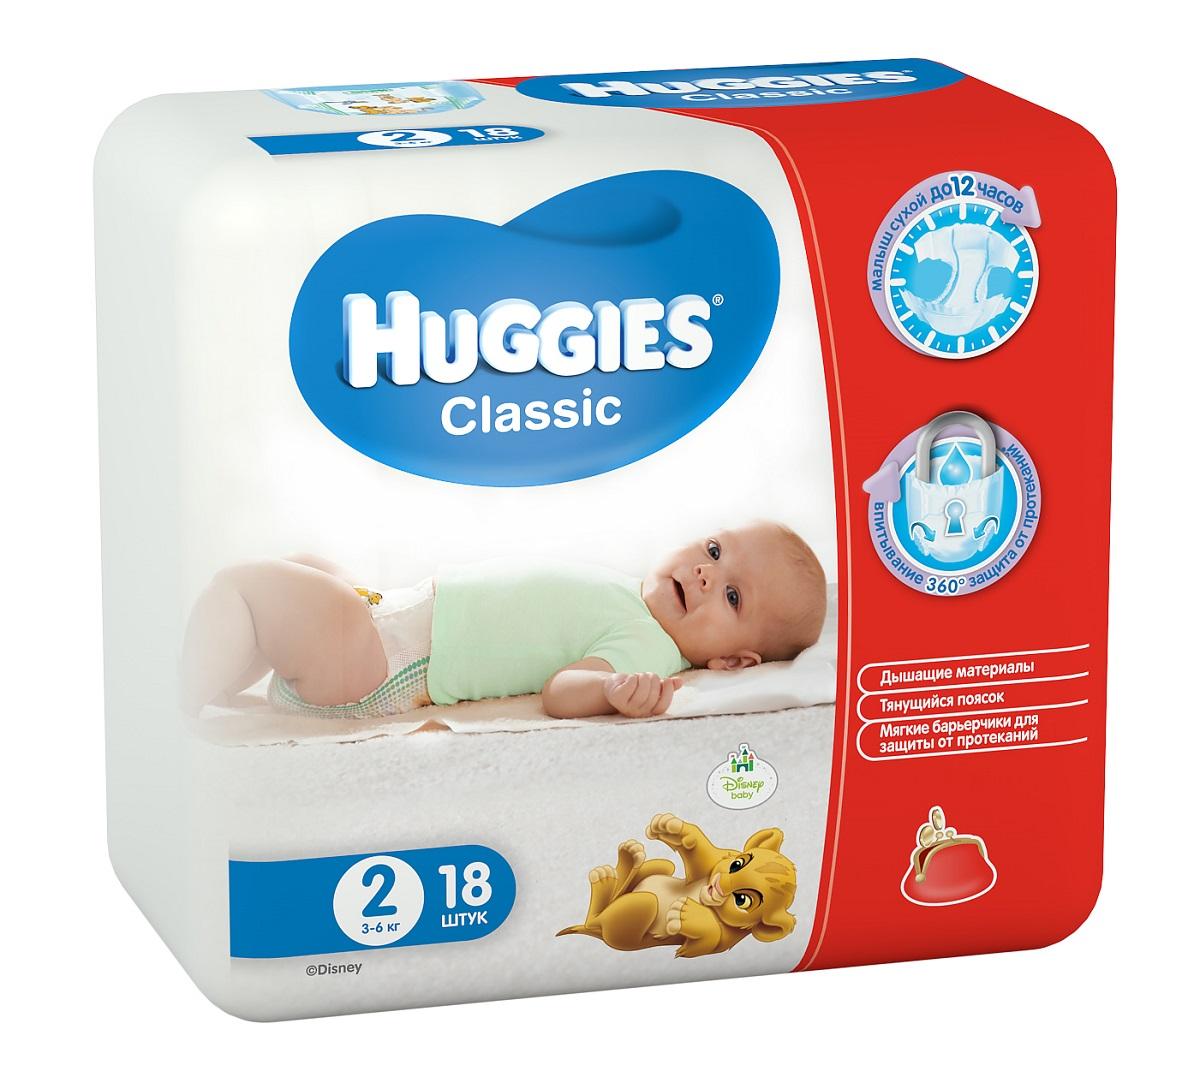 Huggies Подгузники Classic 3-6 кг (размер 2) 18 шт -  Подгузники и пеленки